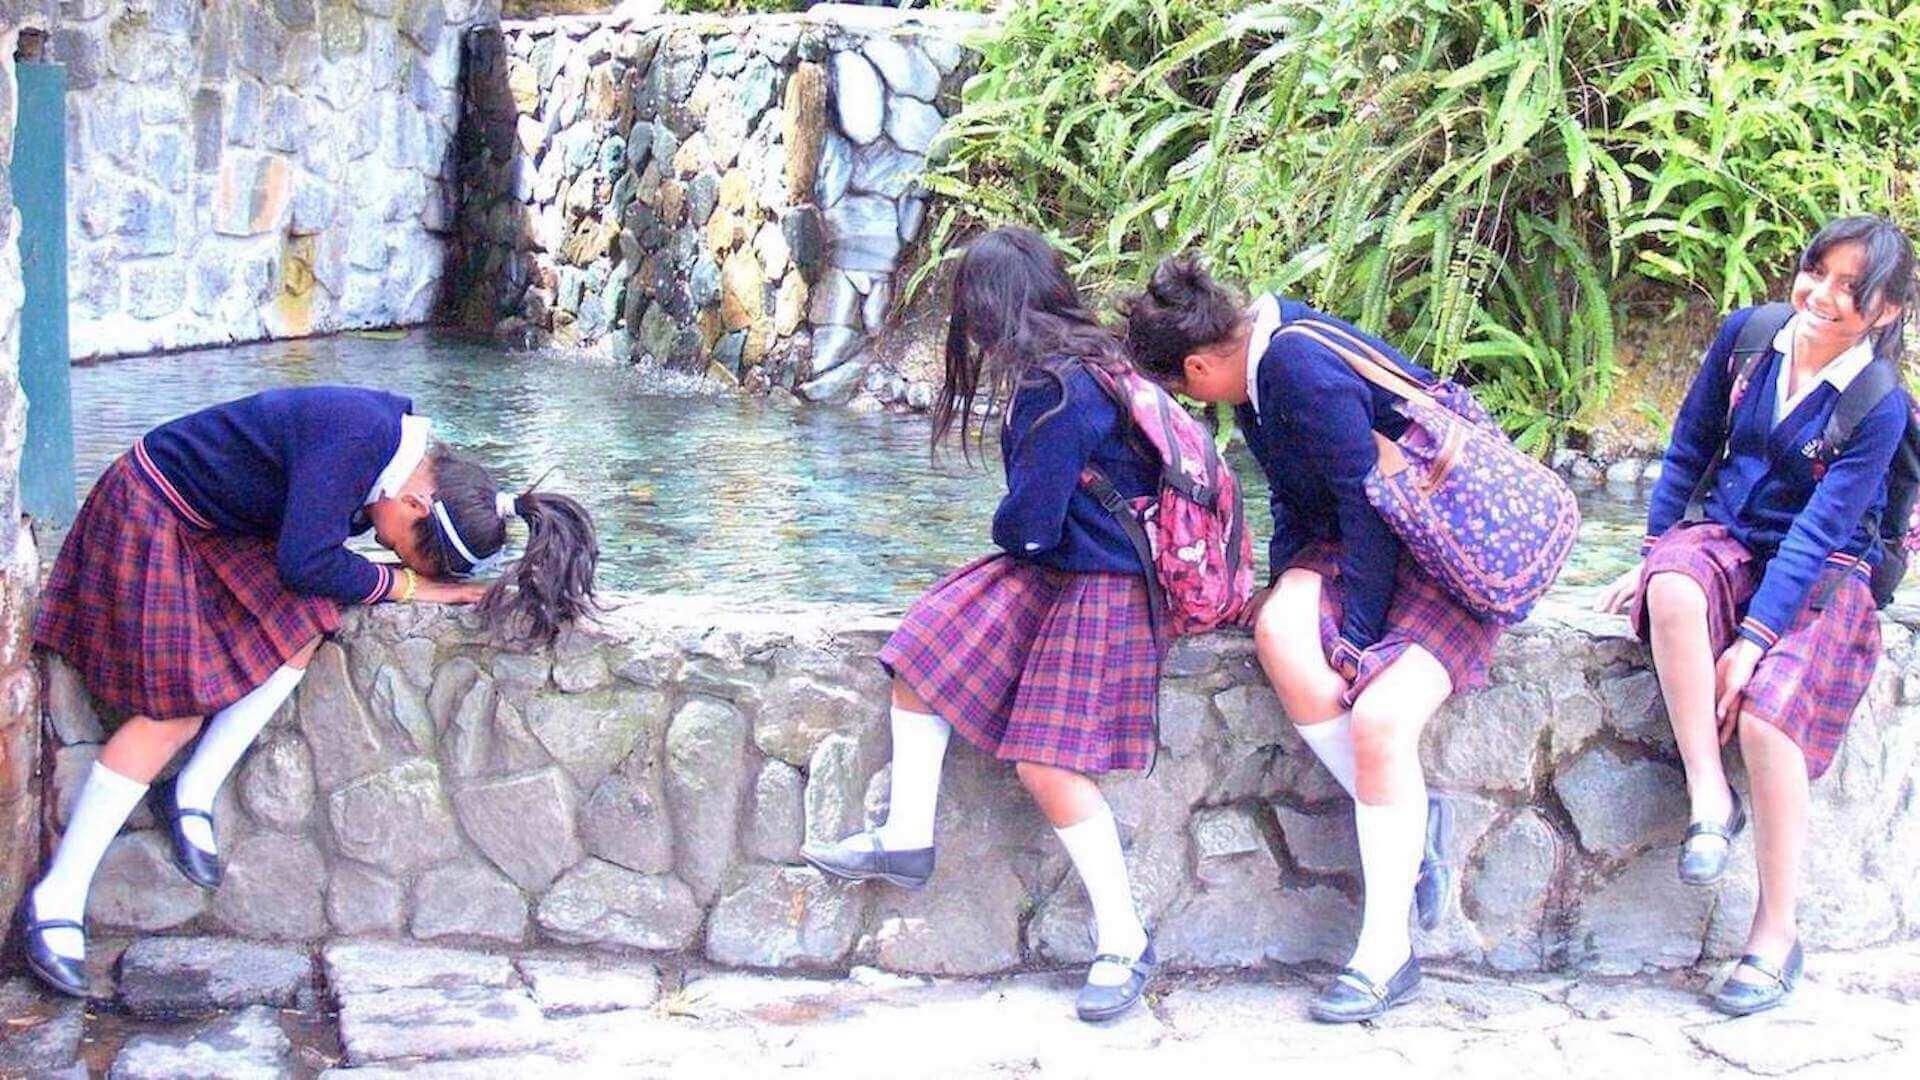 Meisjes in uniformen bij een waterval in Banos, Ecuador